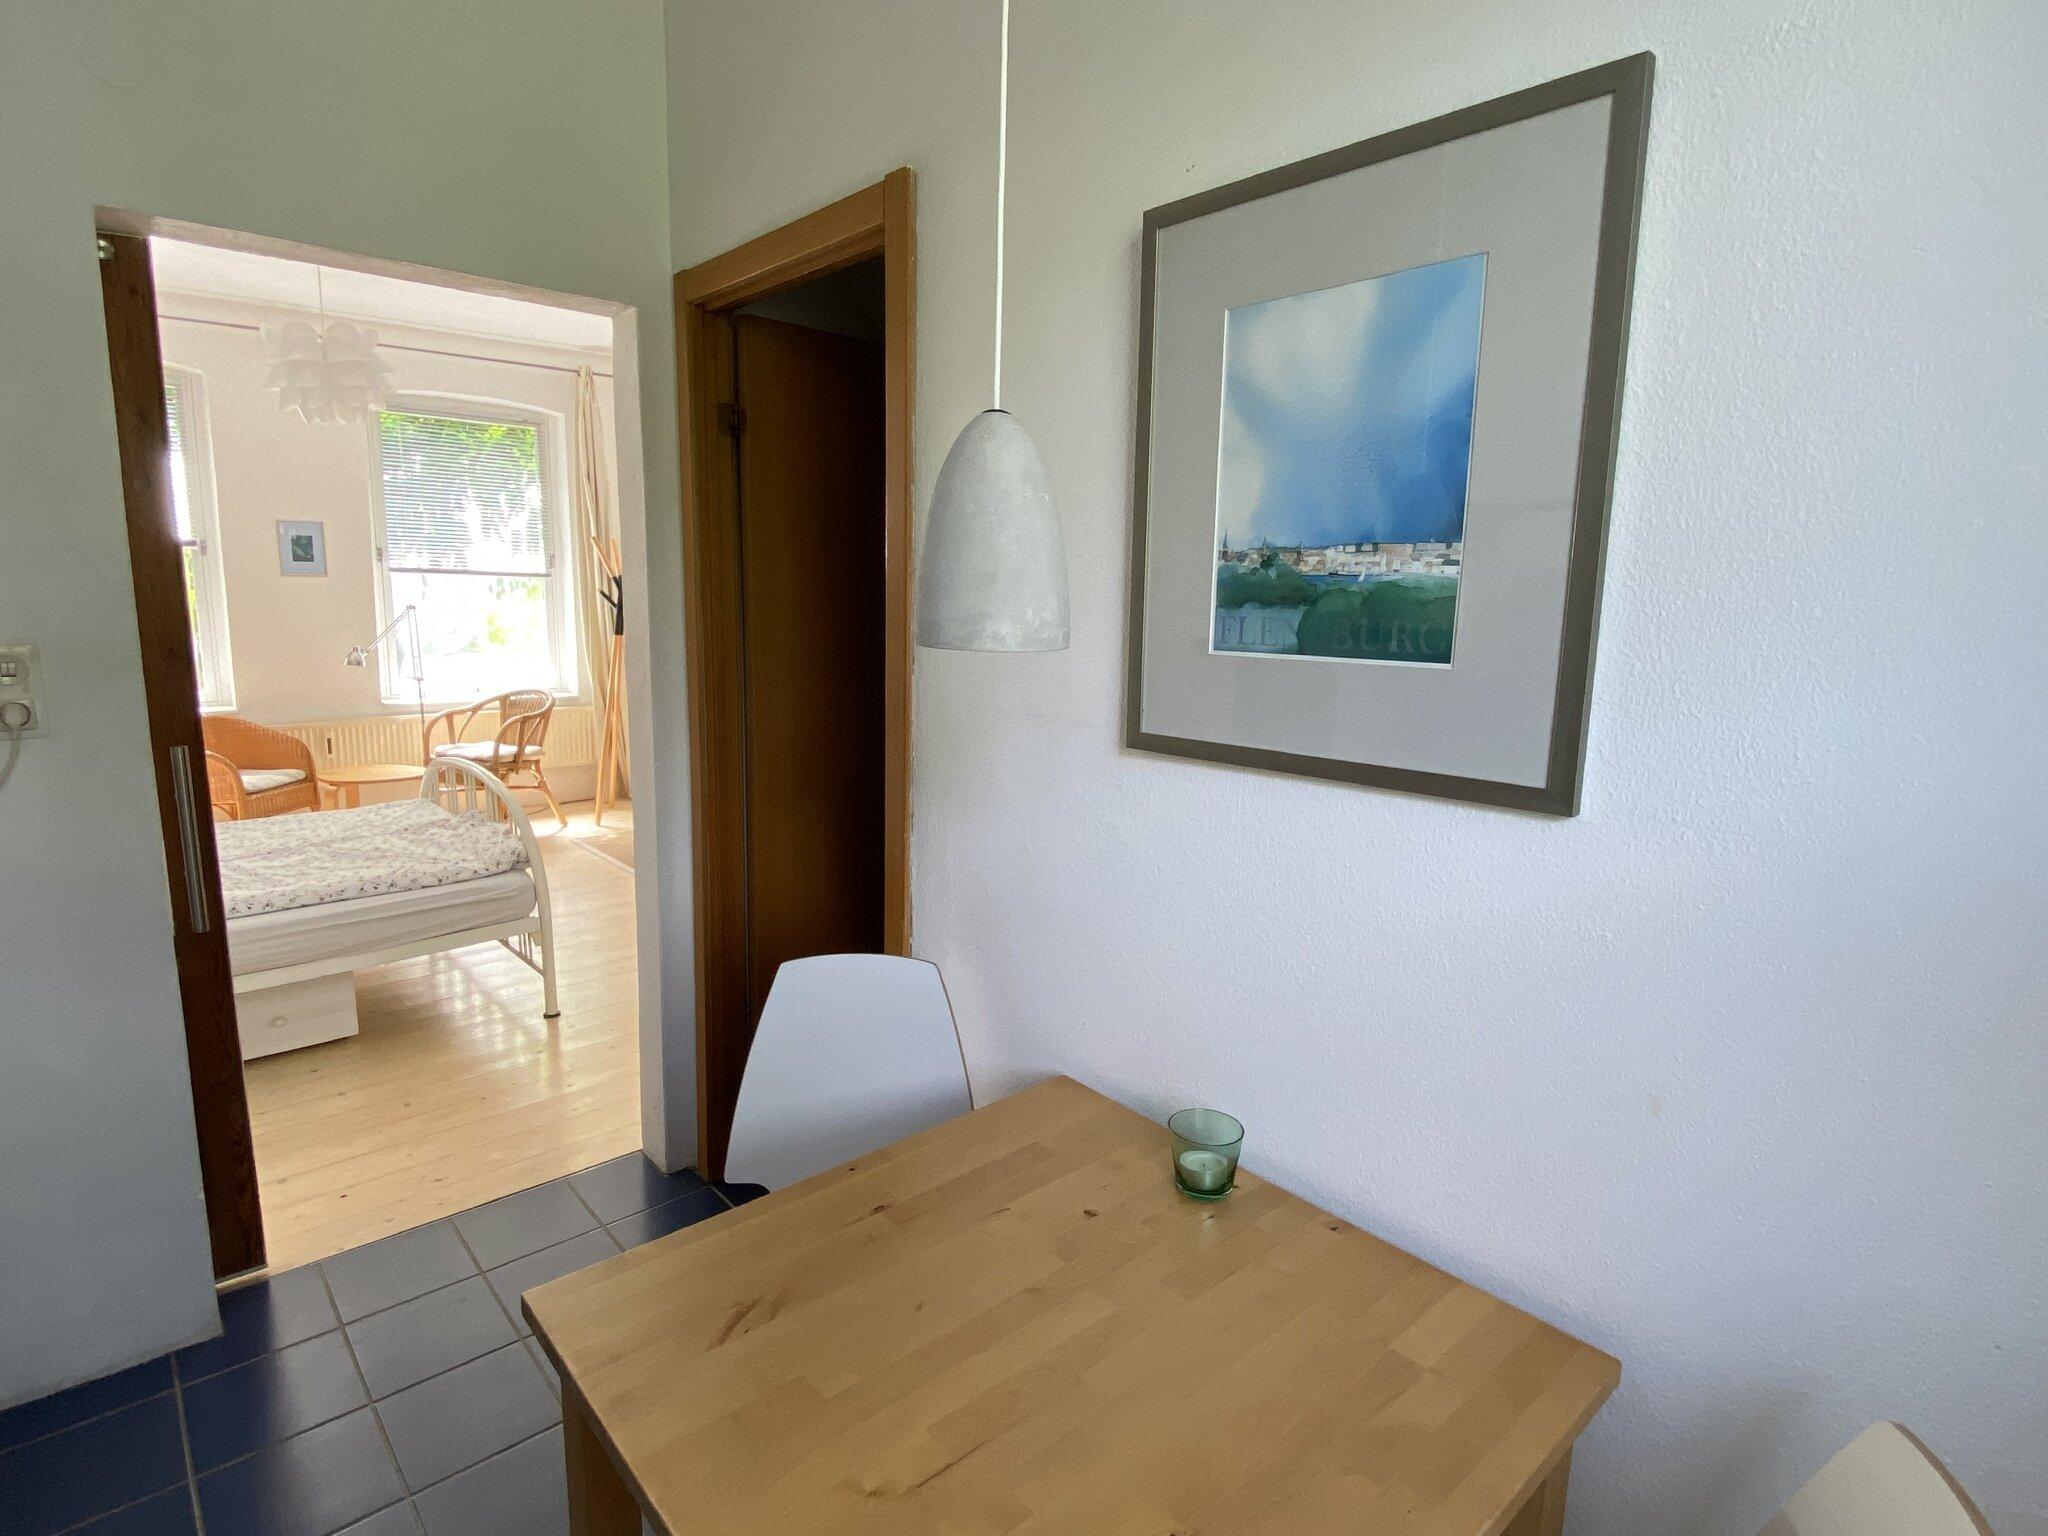 Blick aus Küche in den Nachbargarten